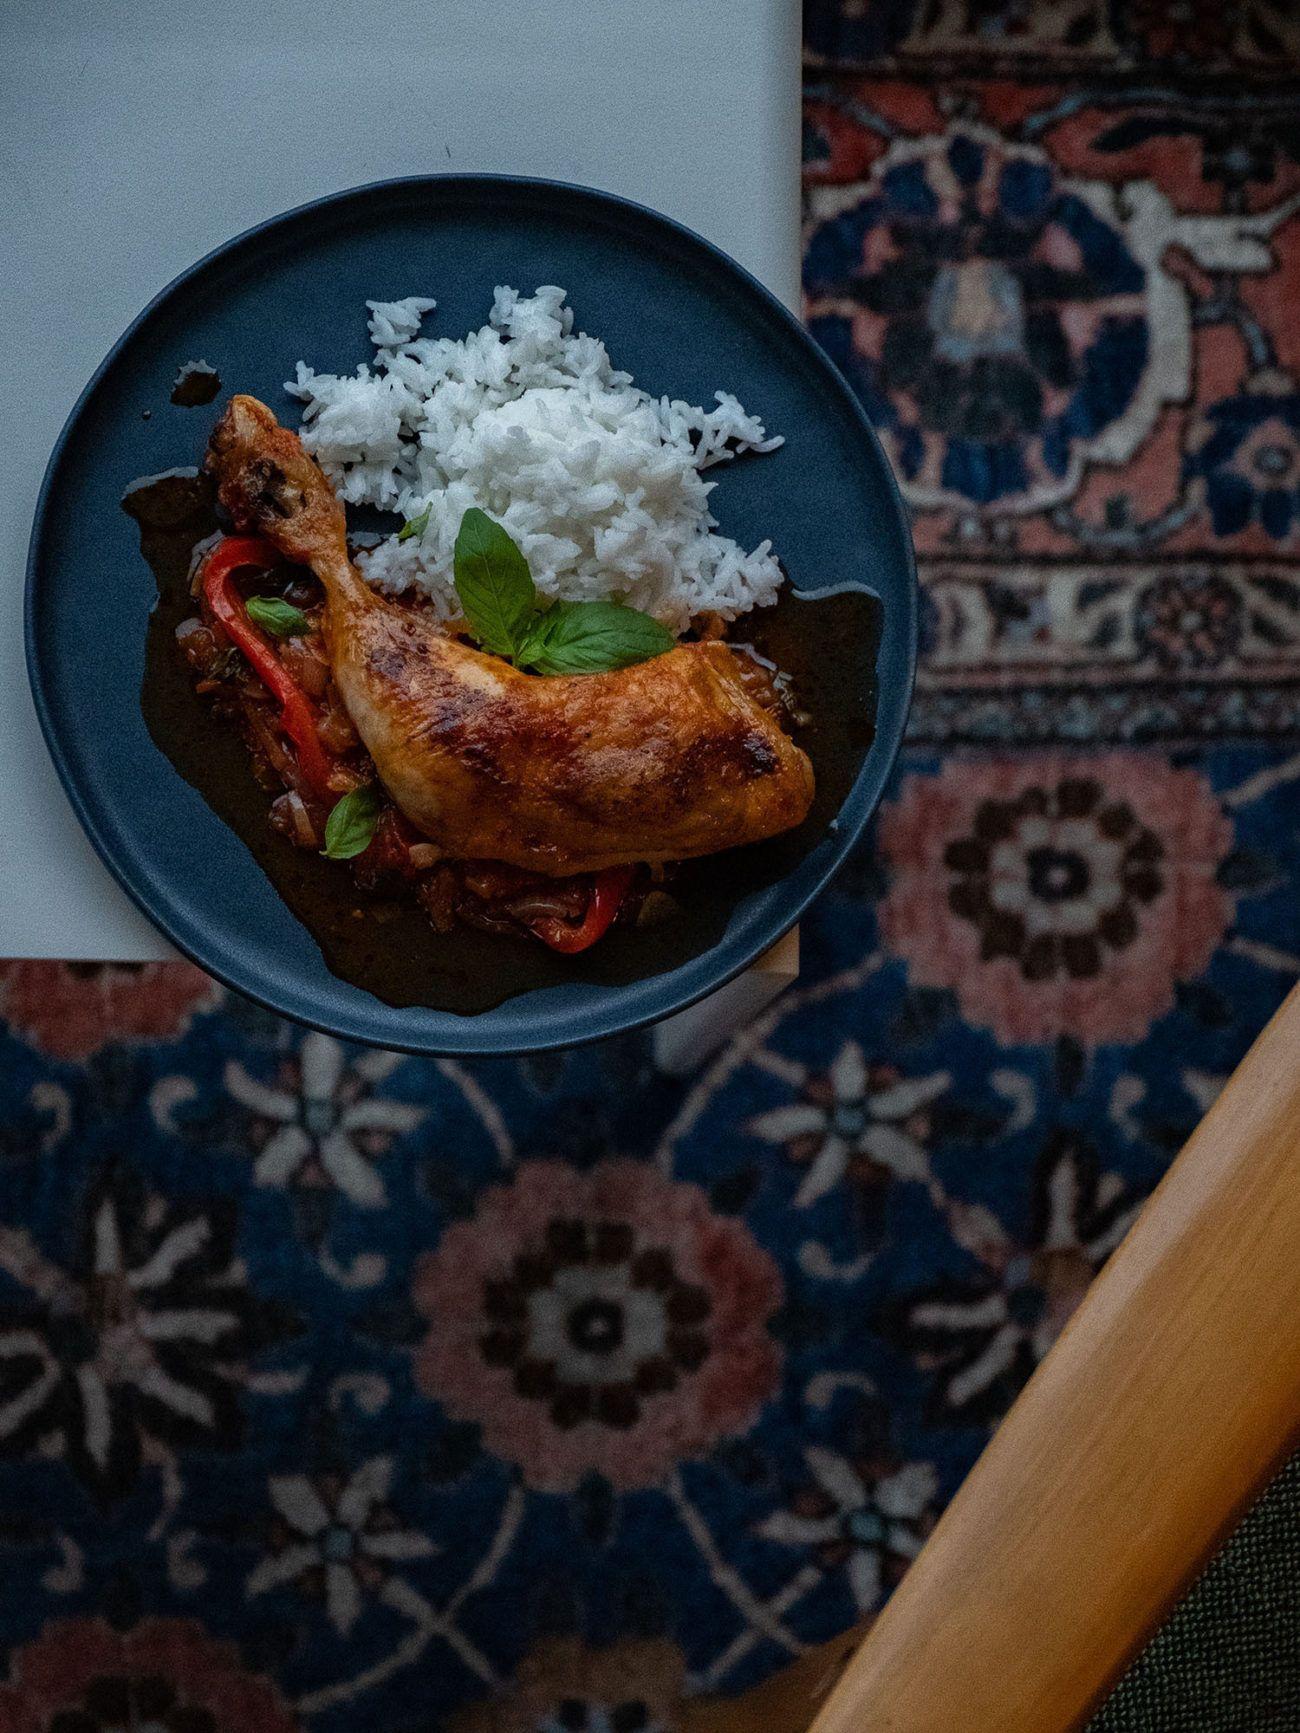 Rezept Hühnchenschenkel in Tomaten Paprika Soße, Tisch, Tepich, Reis